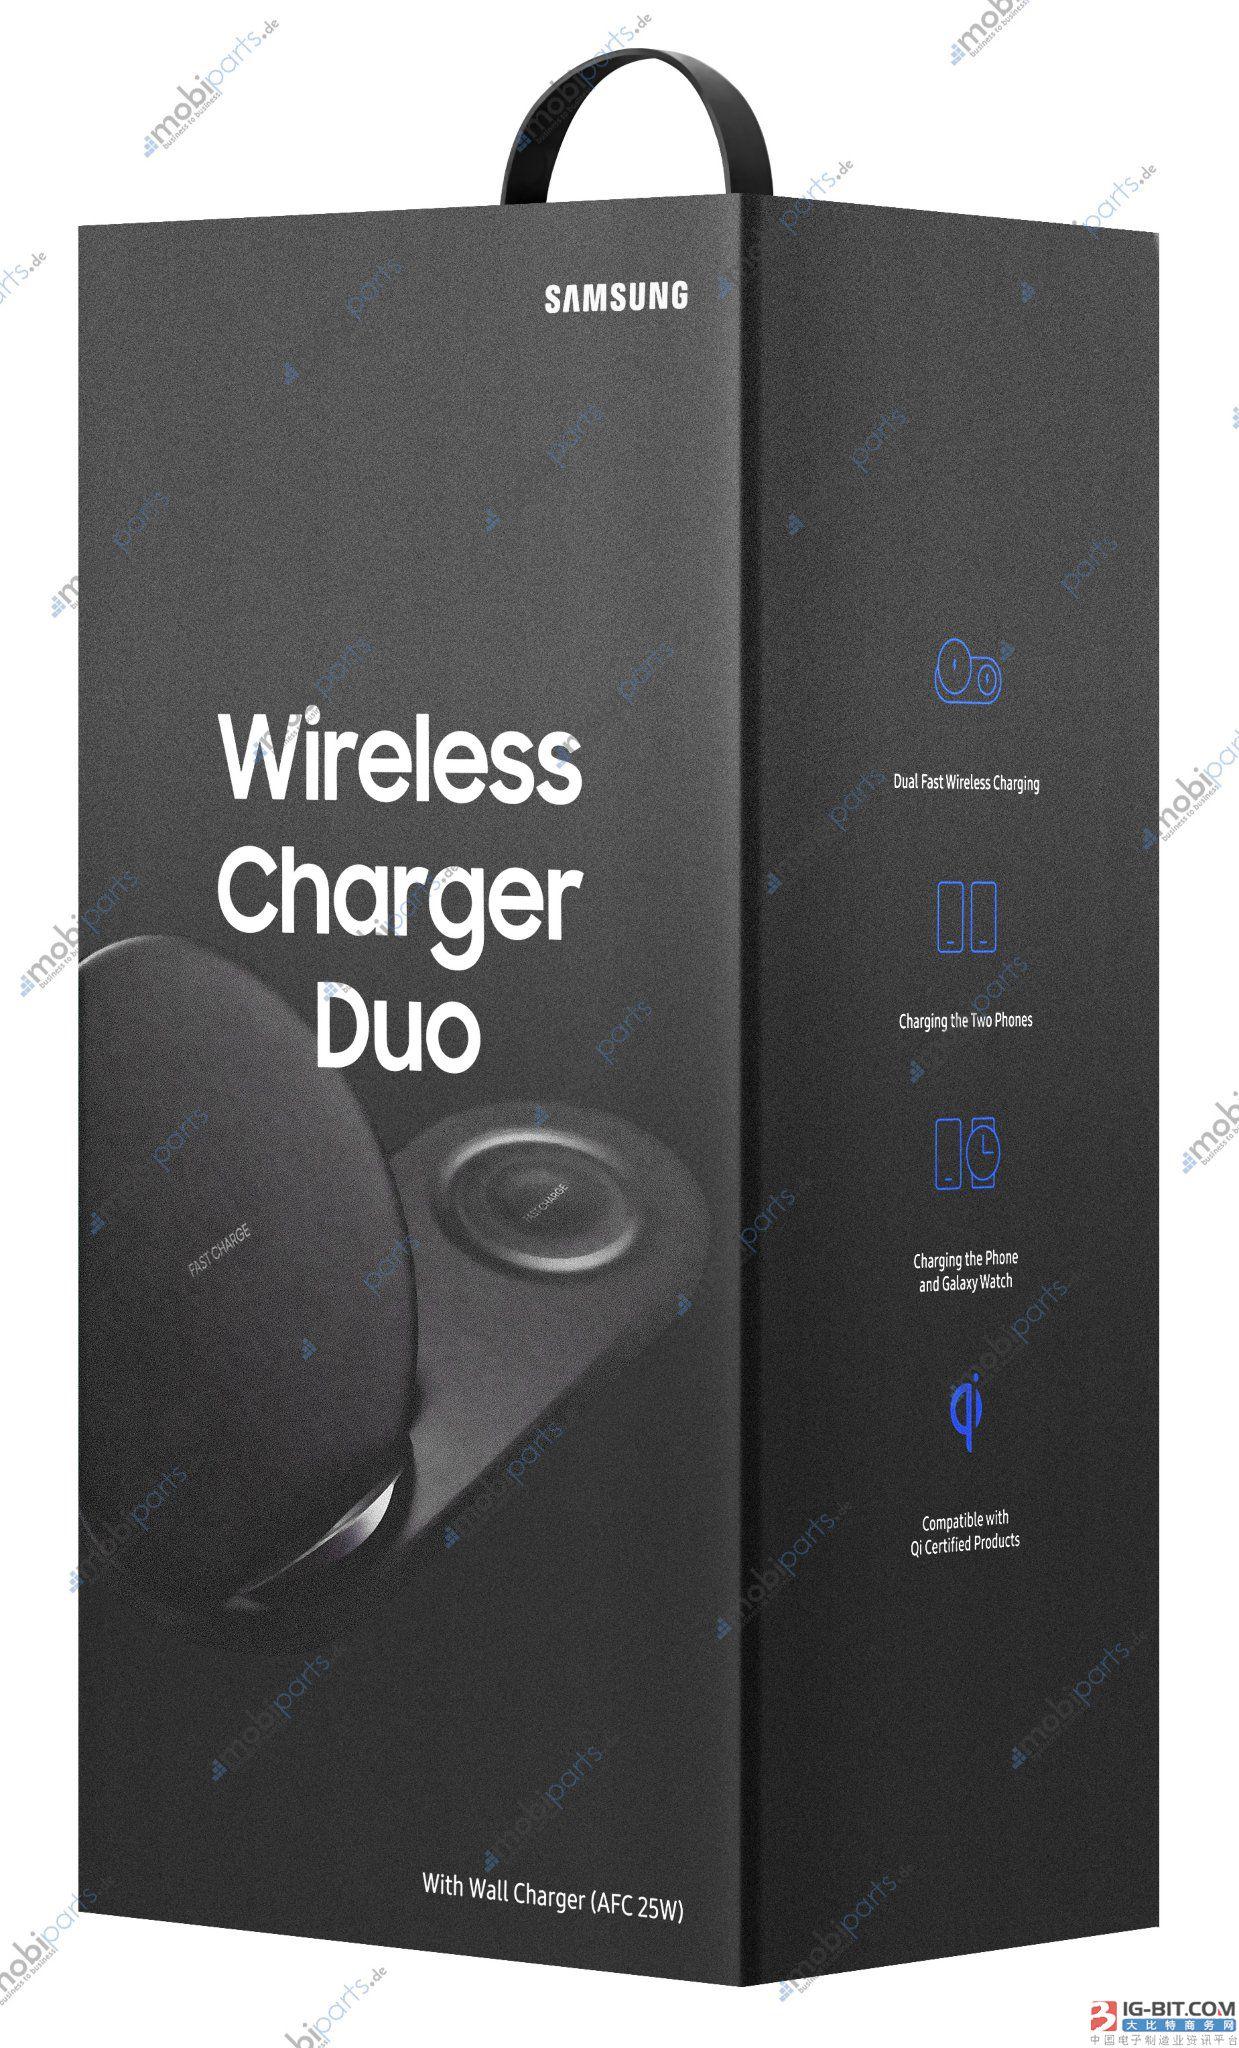 三星新款无线充电底座:将支持双设备同时充电?